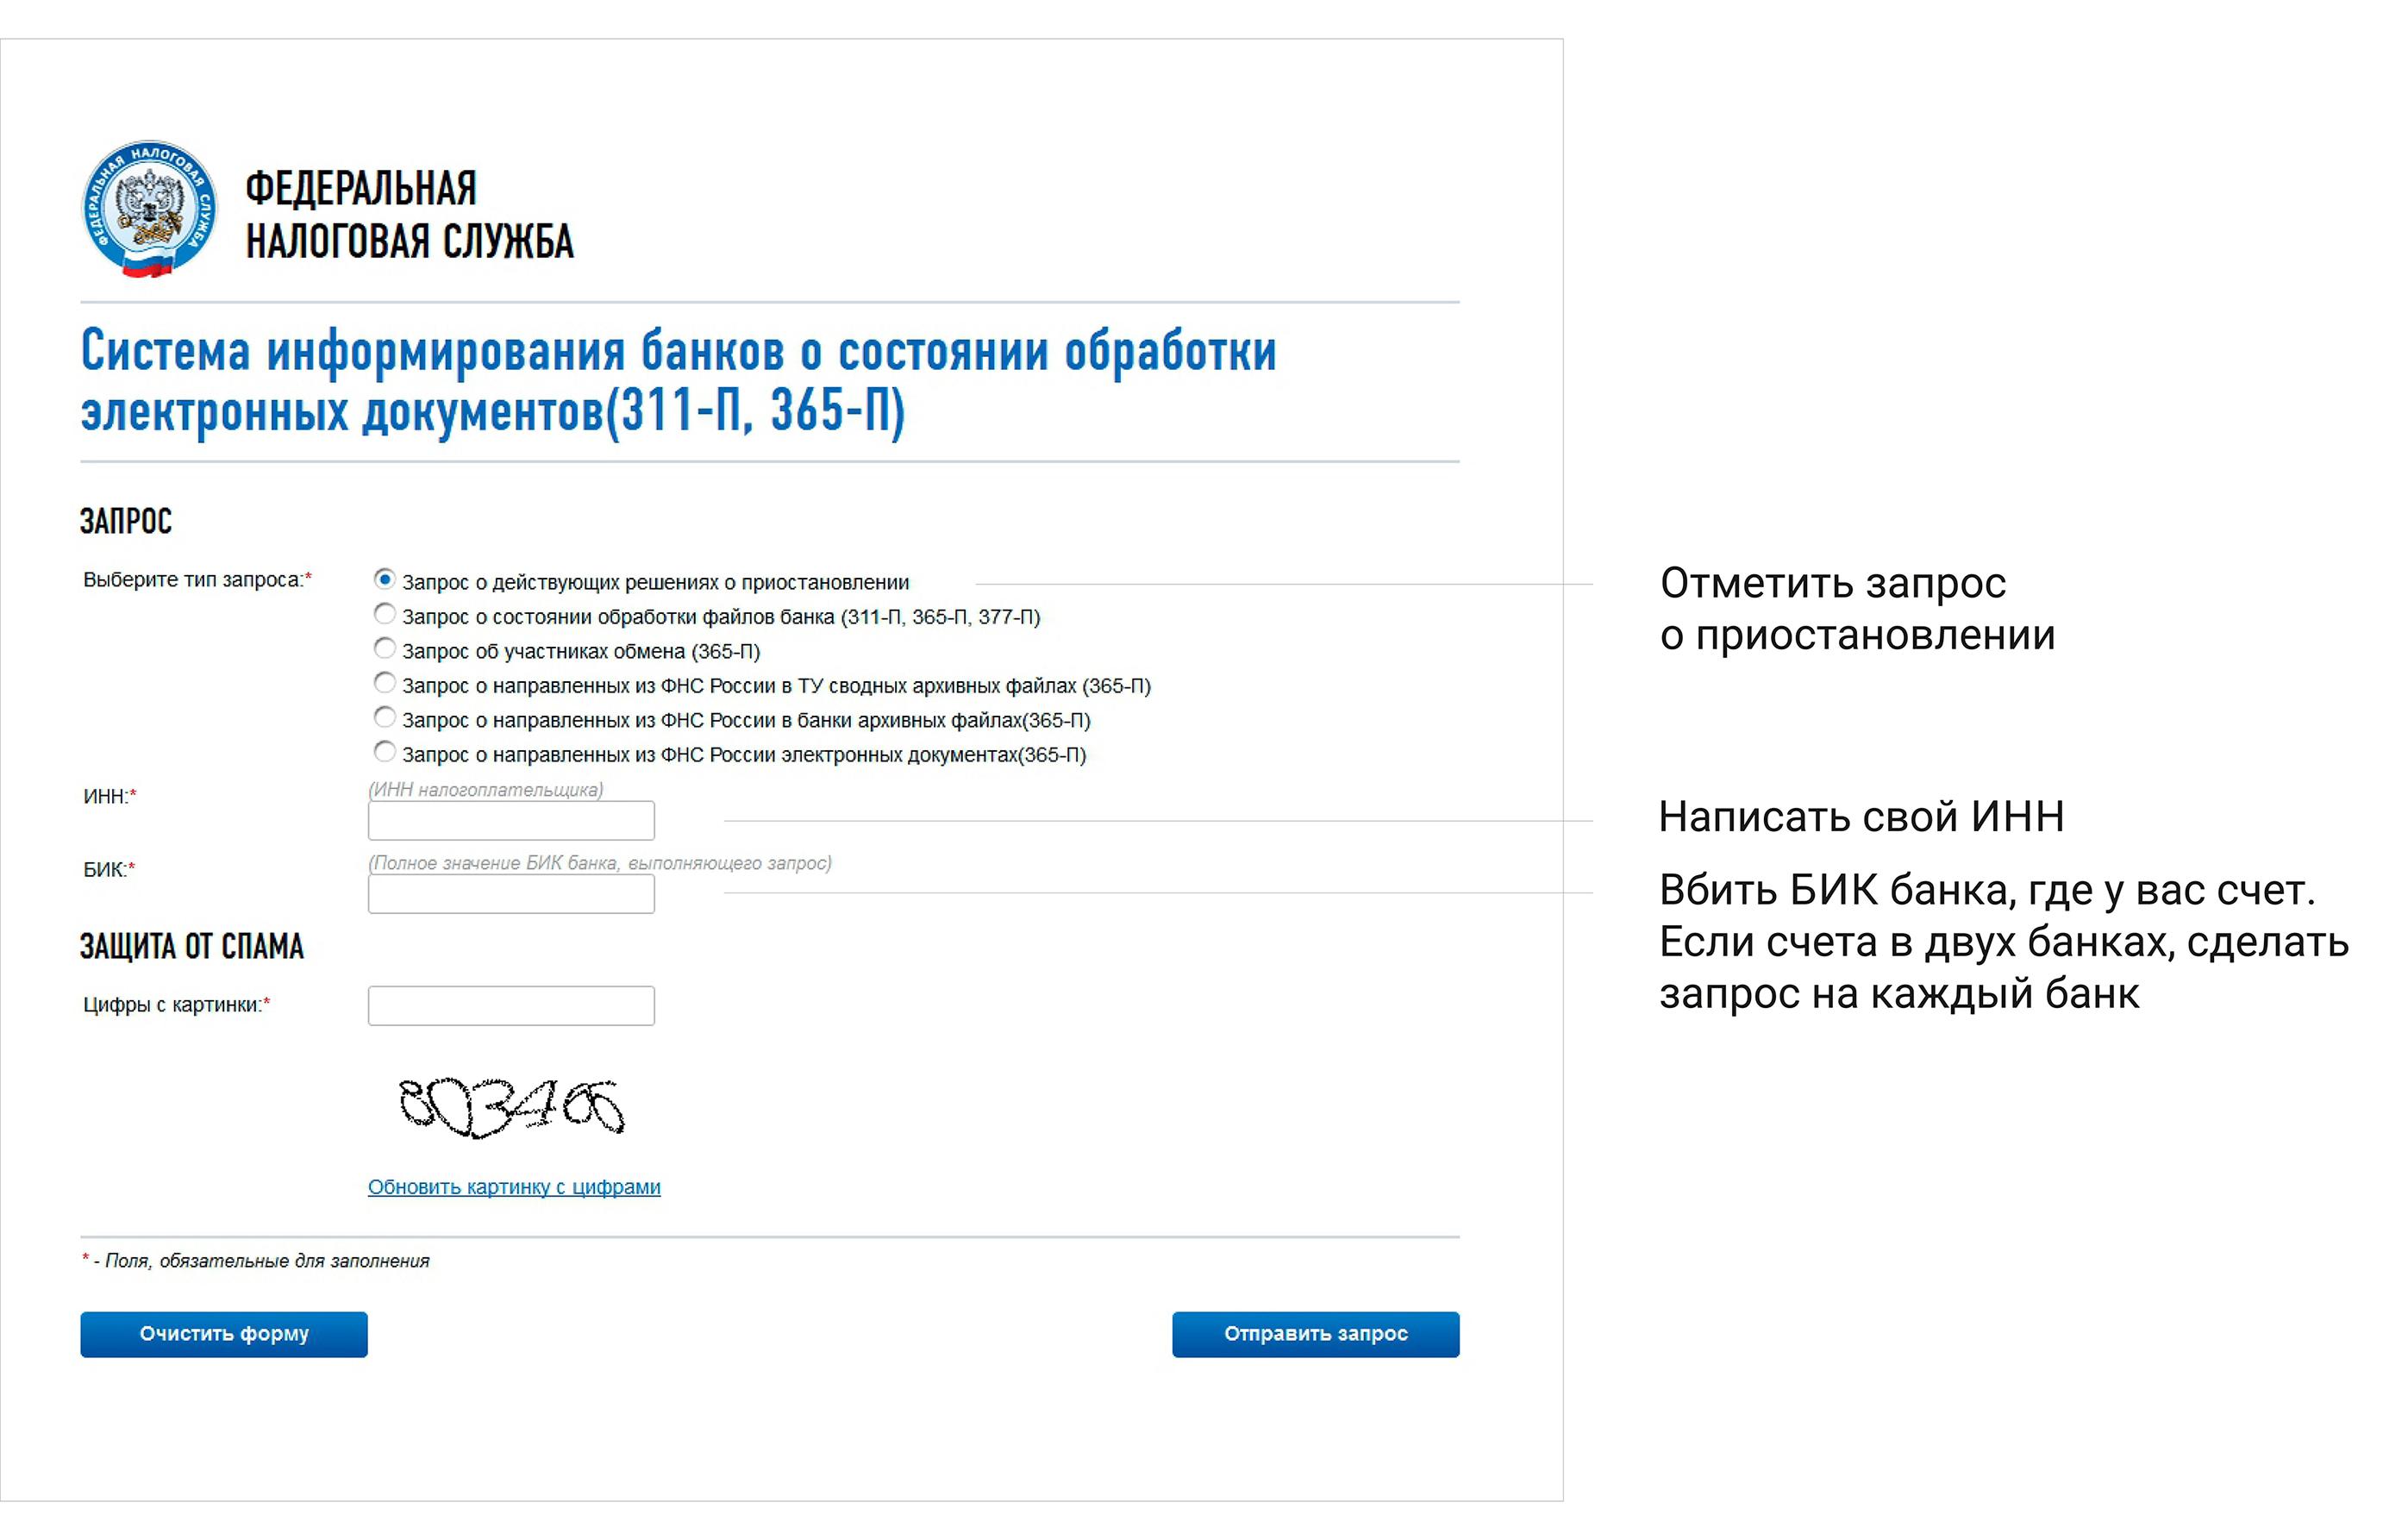 Рисунок 2. Окно ввода запроса Системы информирования банков